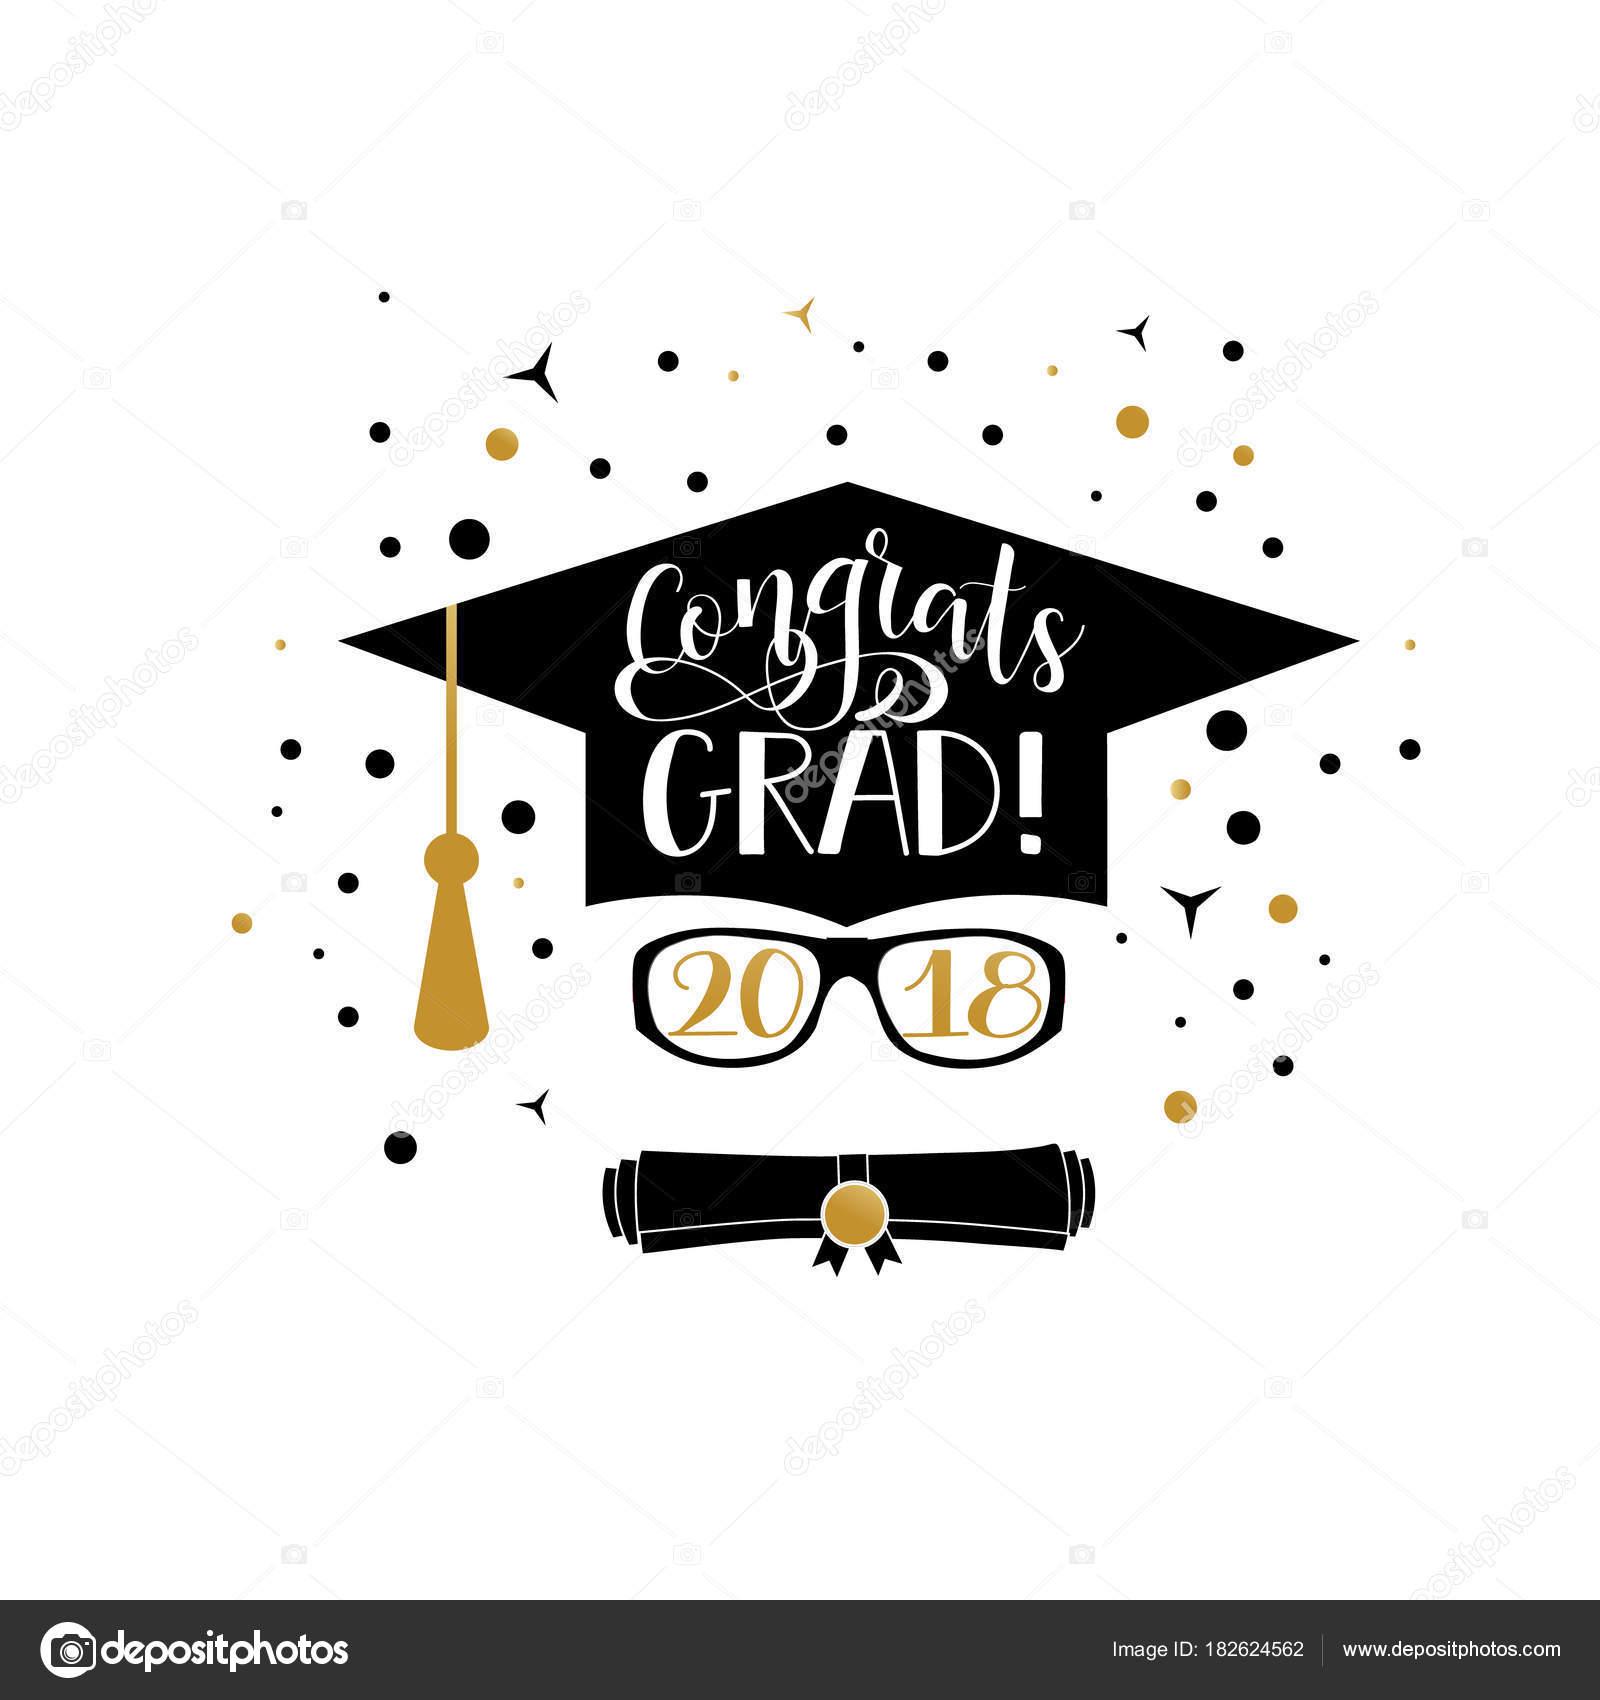 Congrats Grad 2018 belettering. Gefeliciteerd